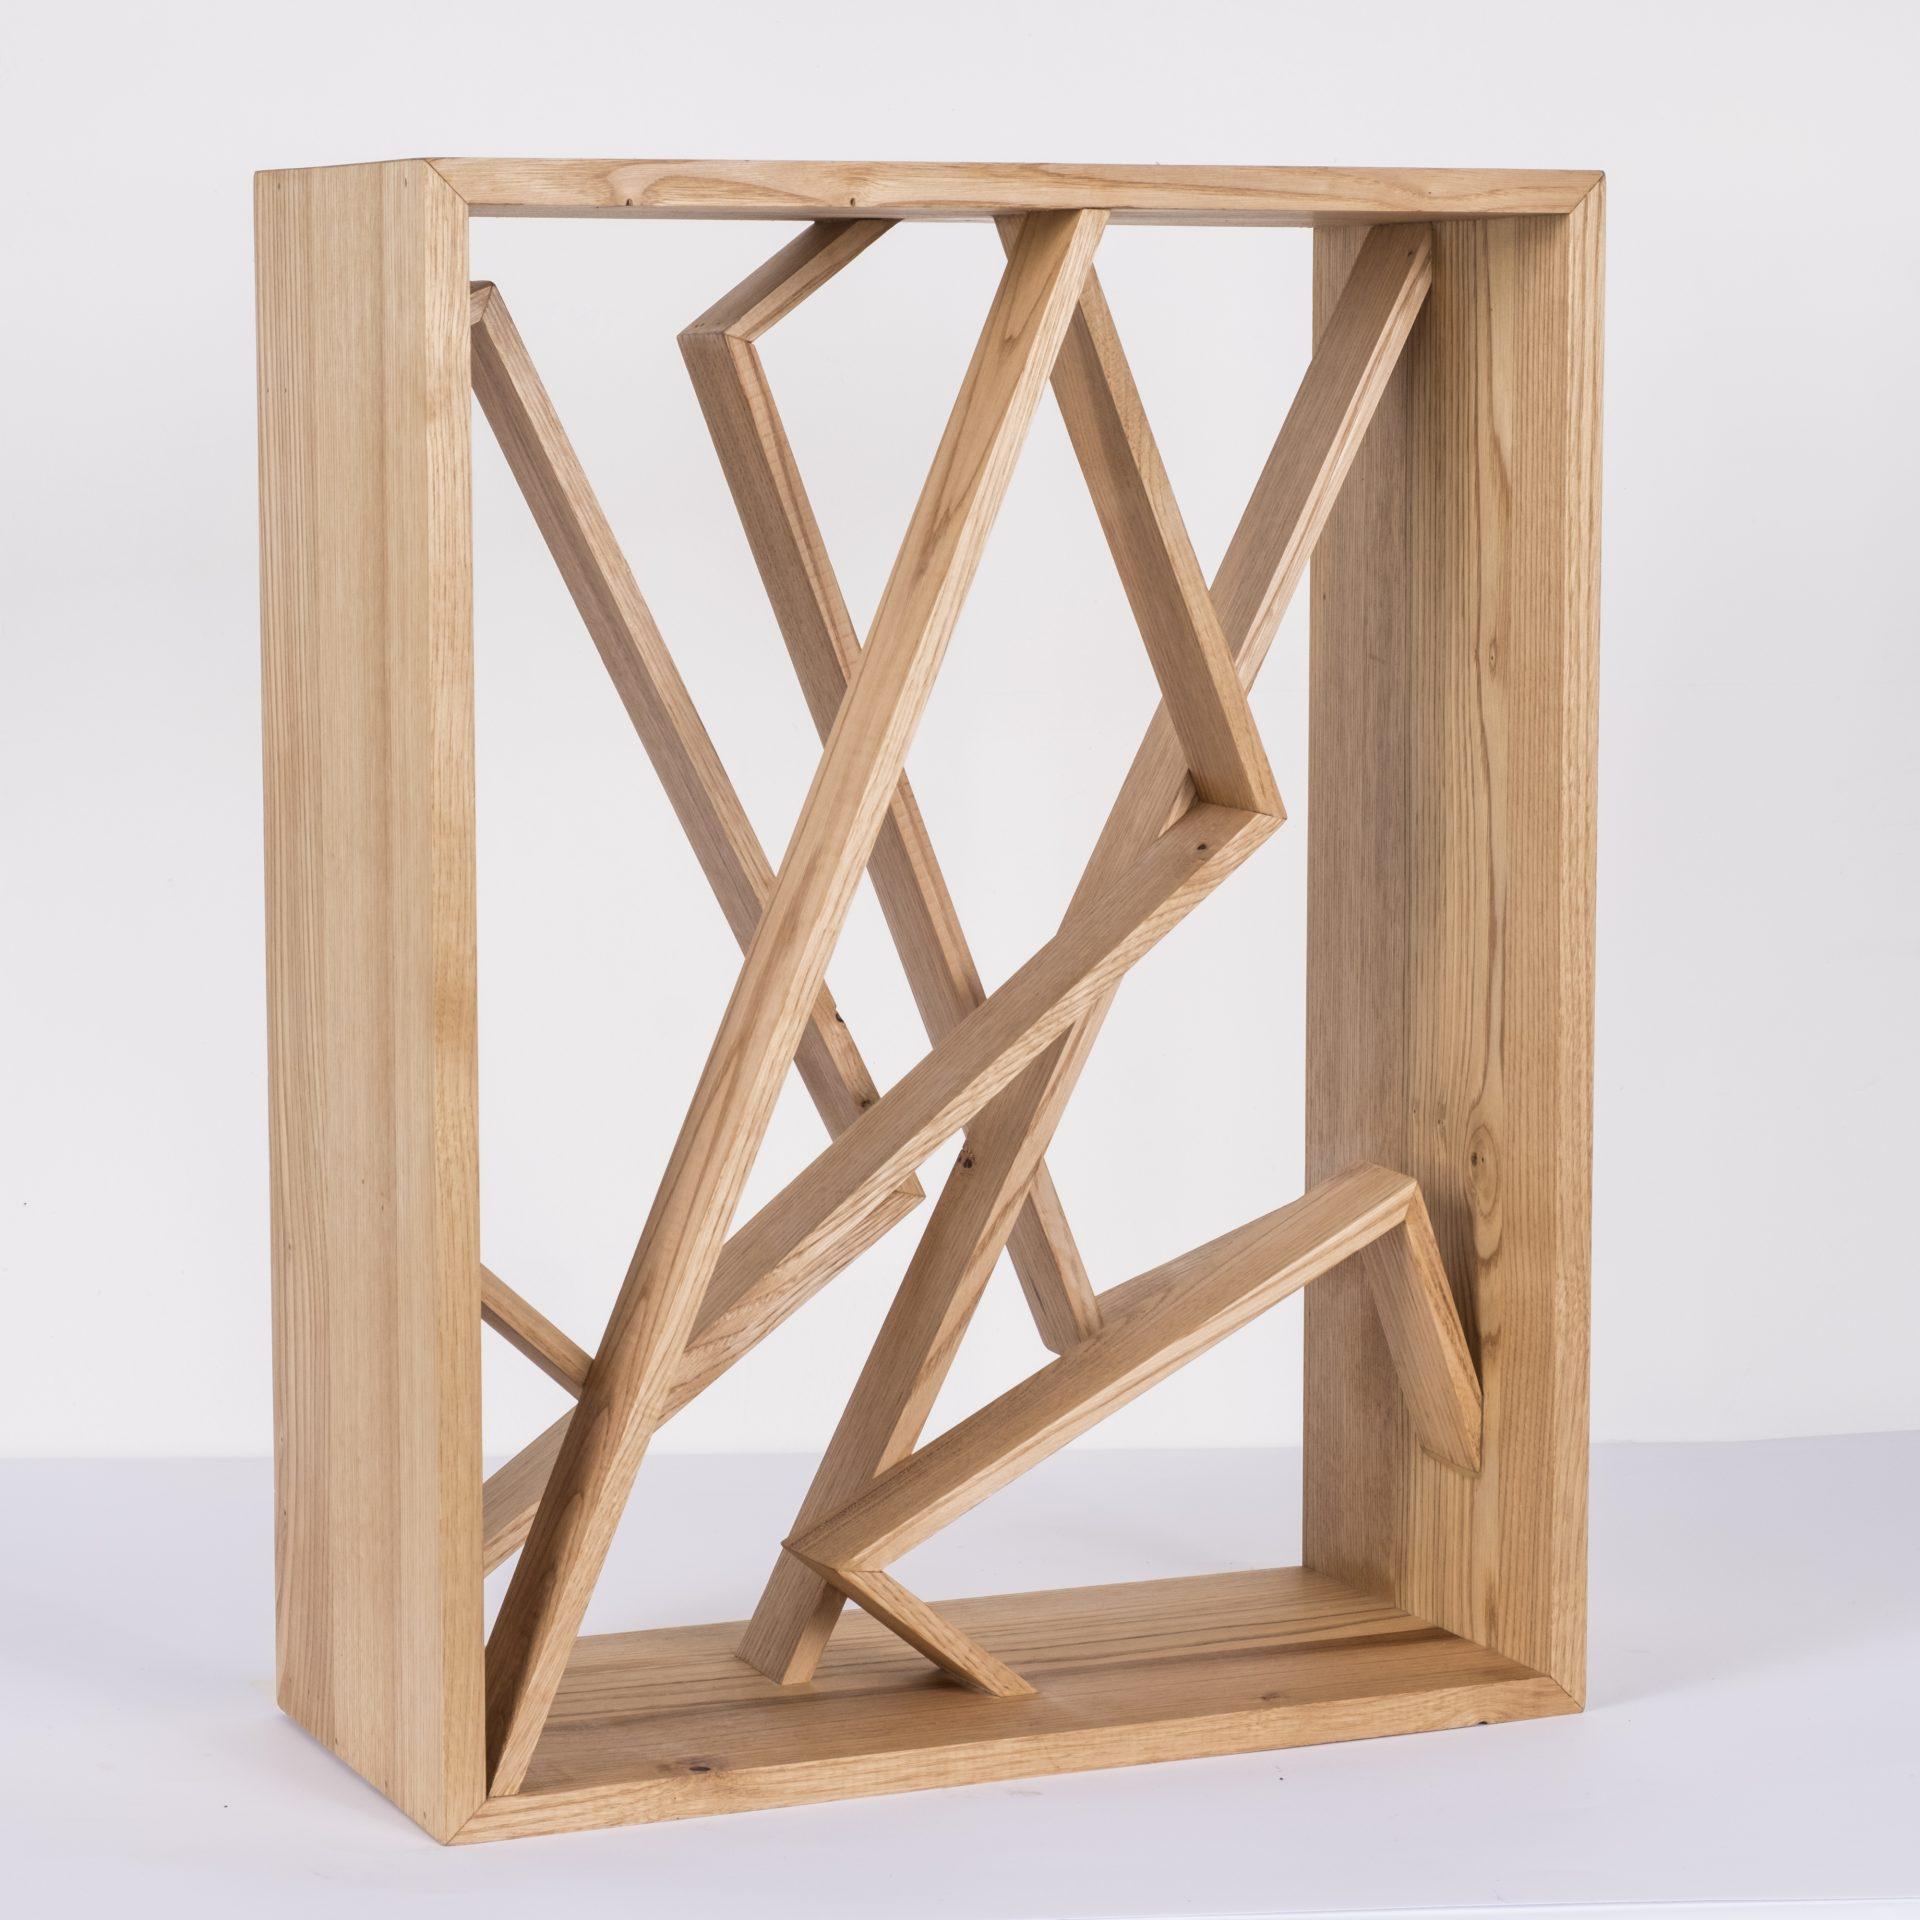 Unlimited in Dynamo<br>RMR24<br>misure: circa 44 x 56 cm<br>tecnica: legno castagno <br>anno: 2018<br>